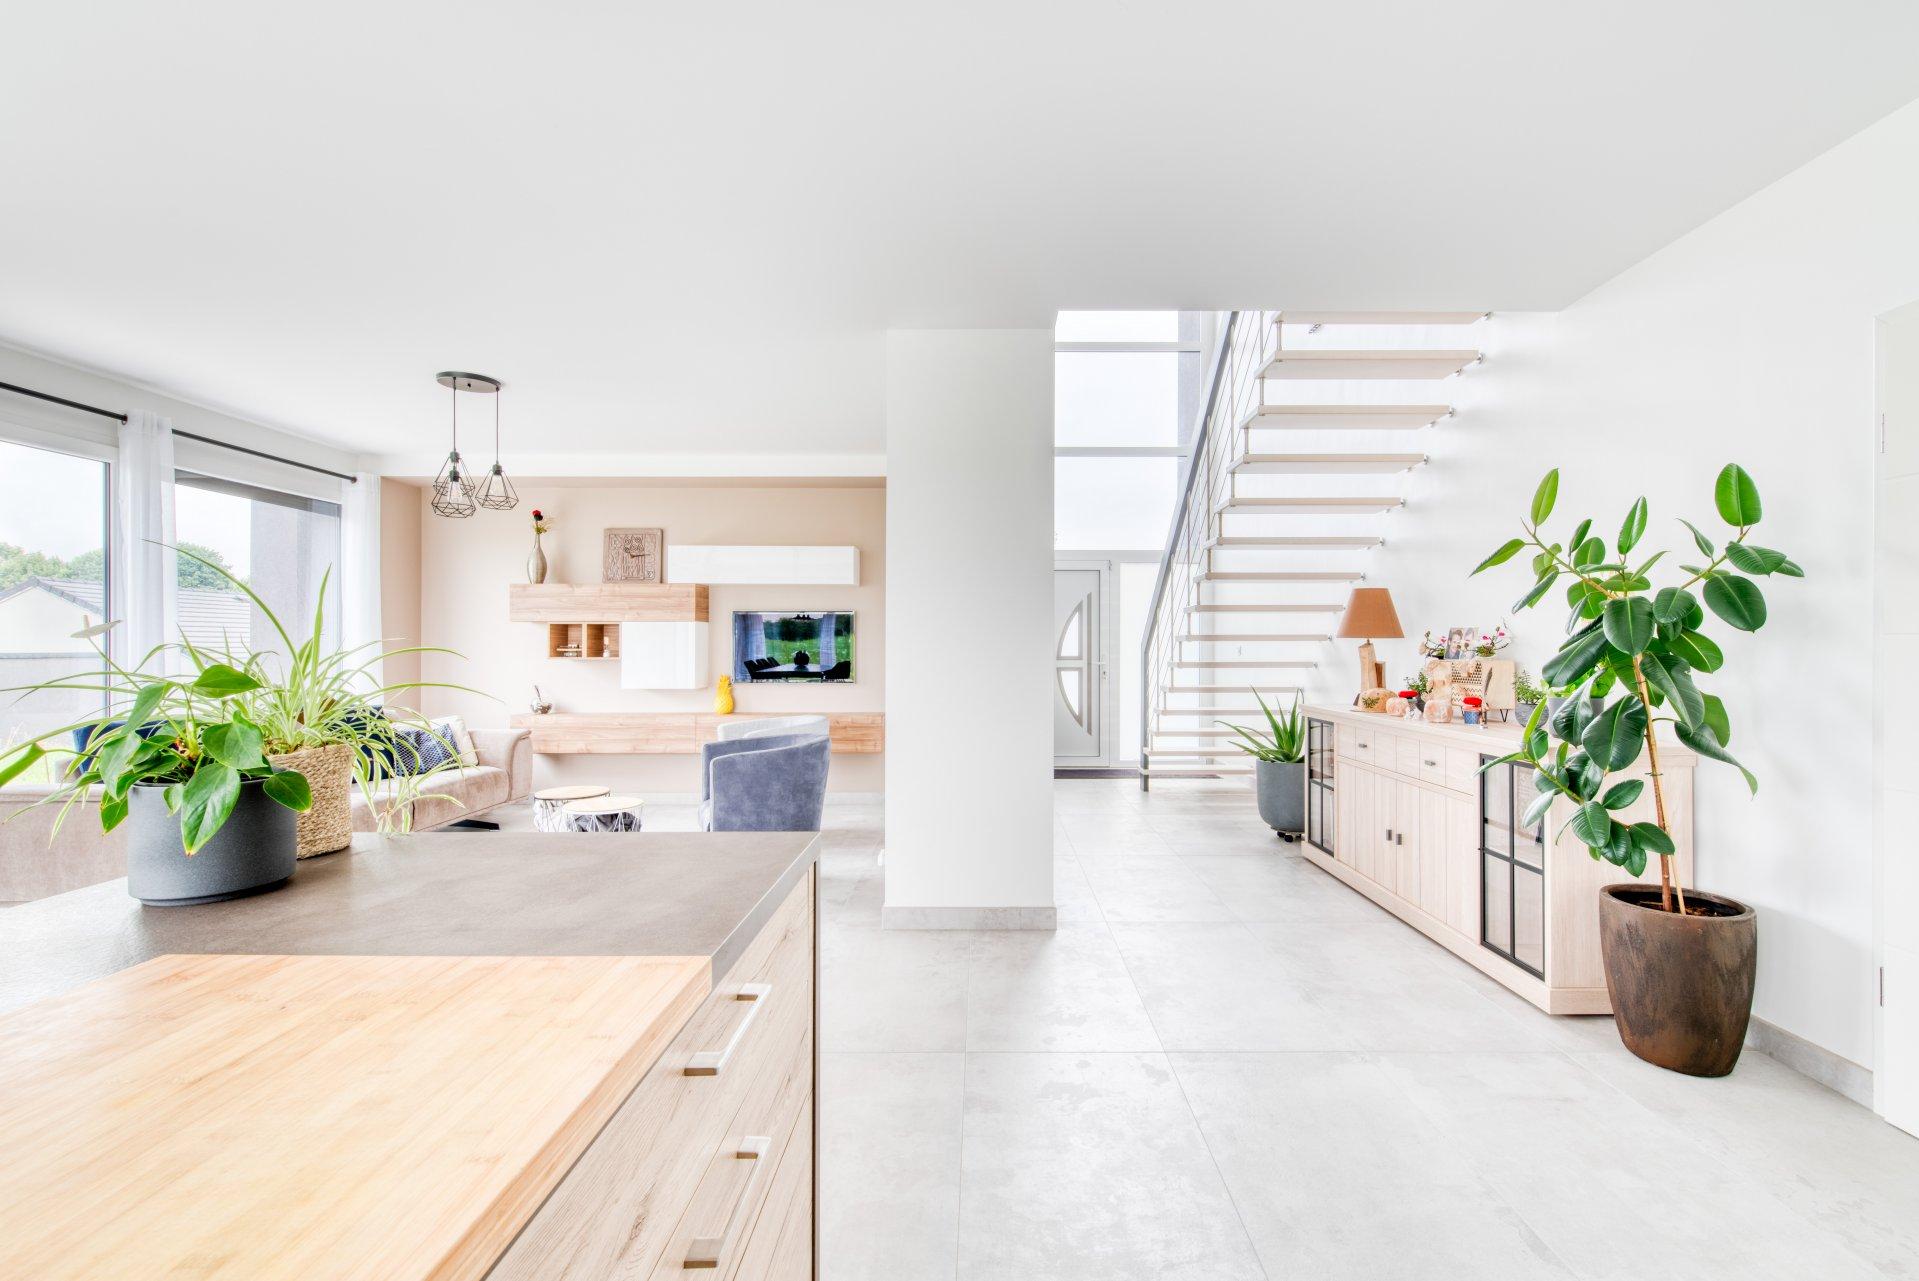 Verkauf Haus - Bréhain-la-Ville